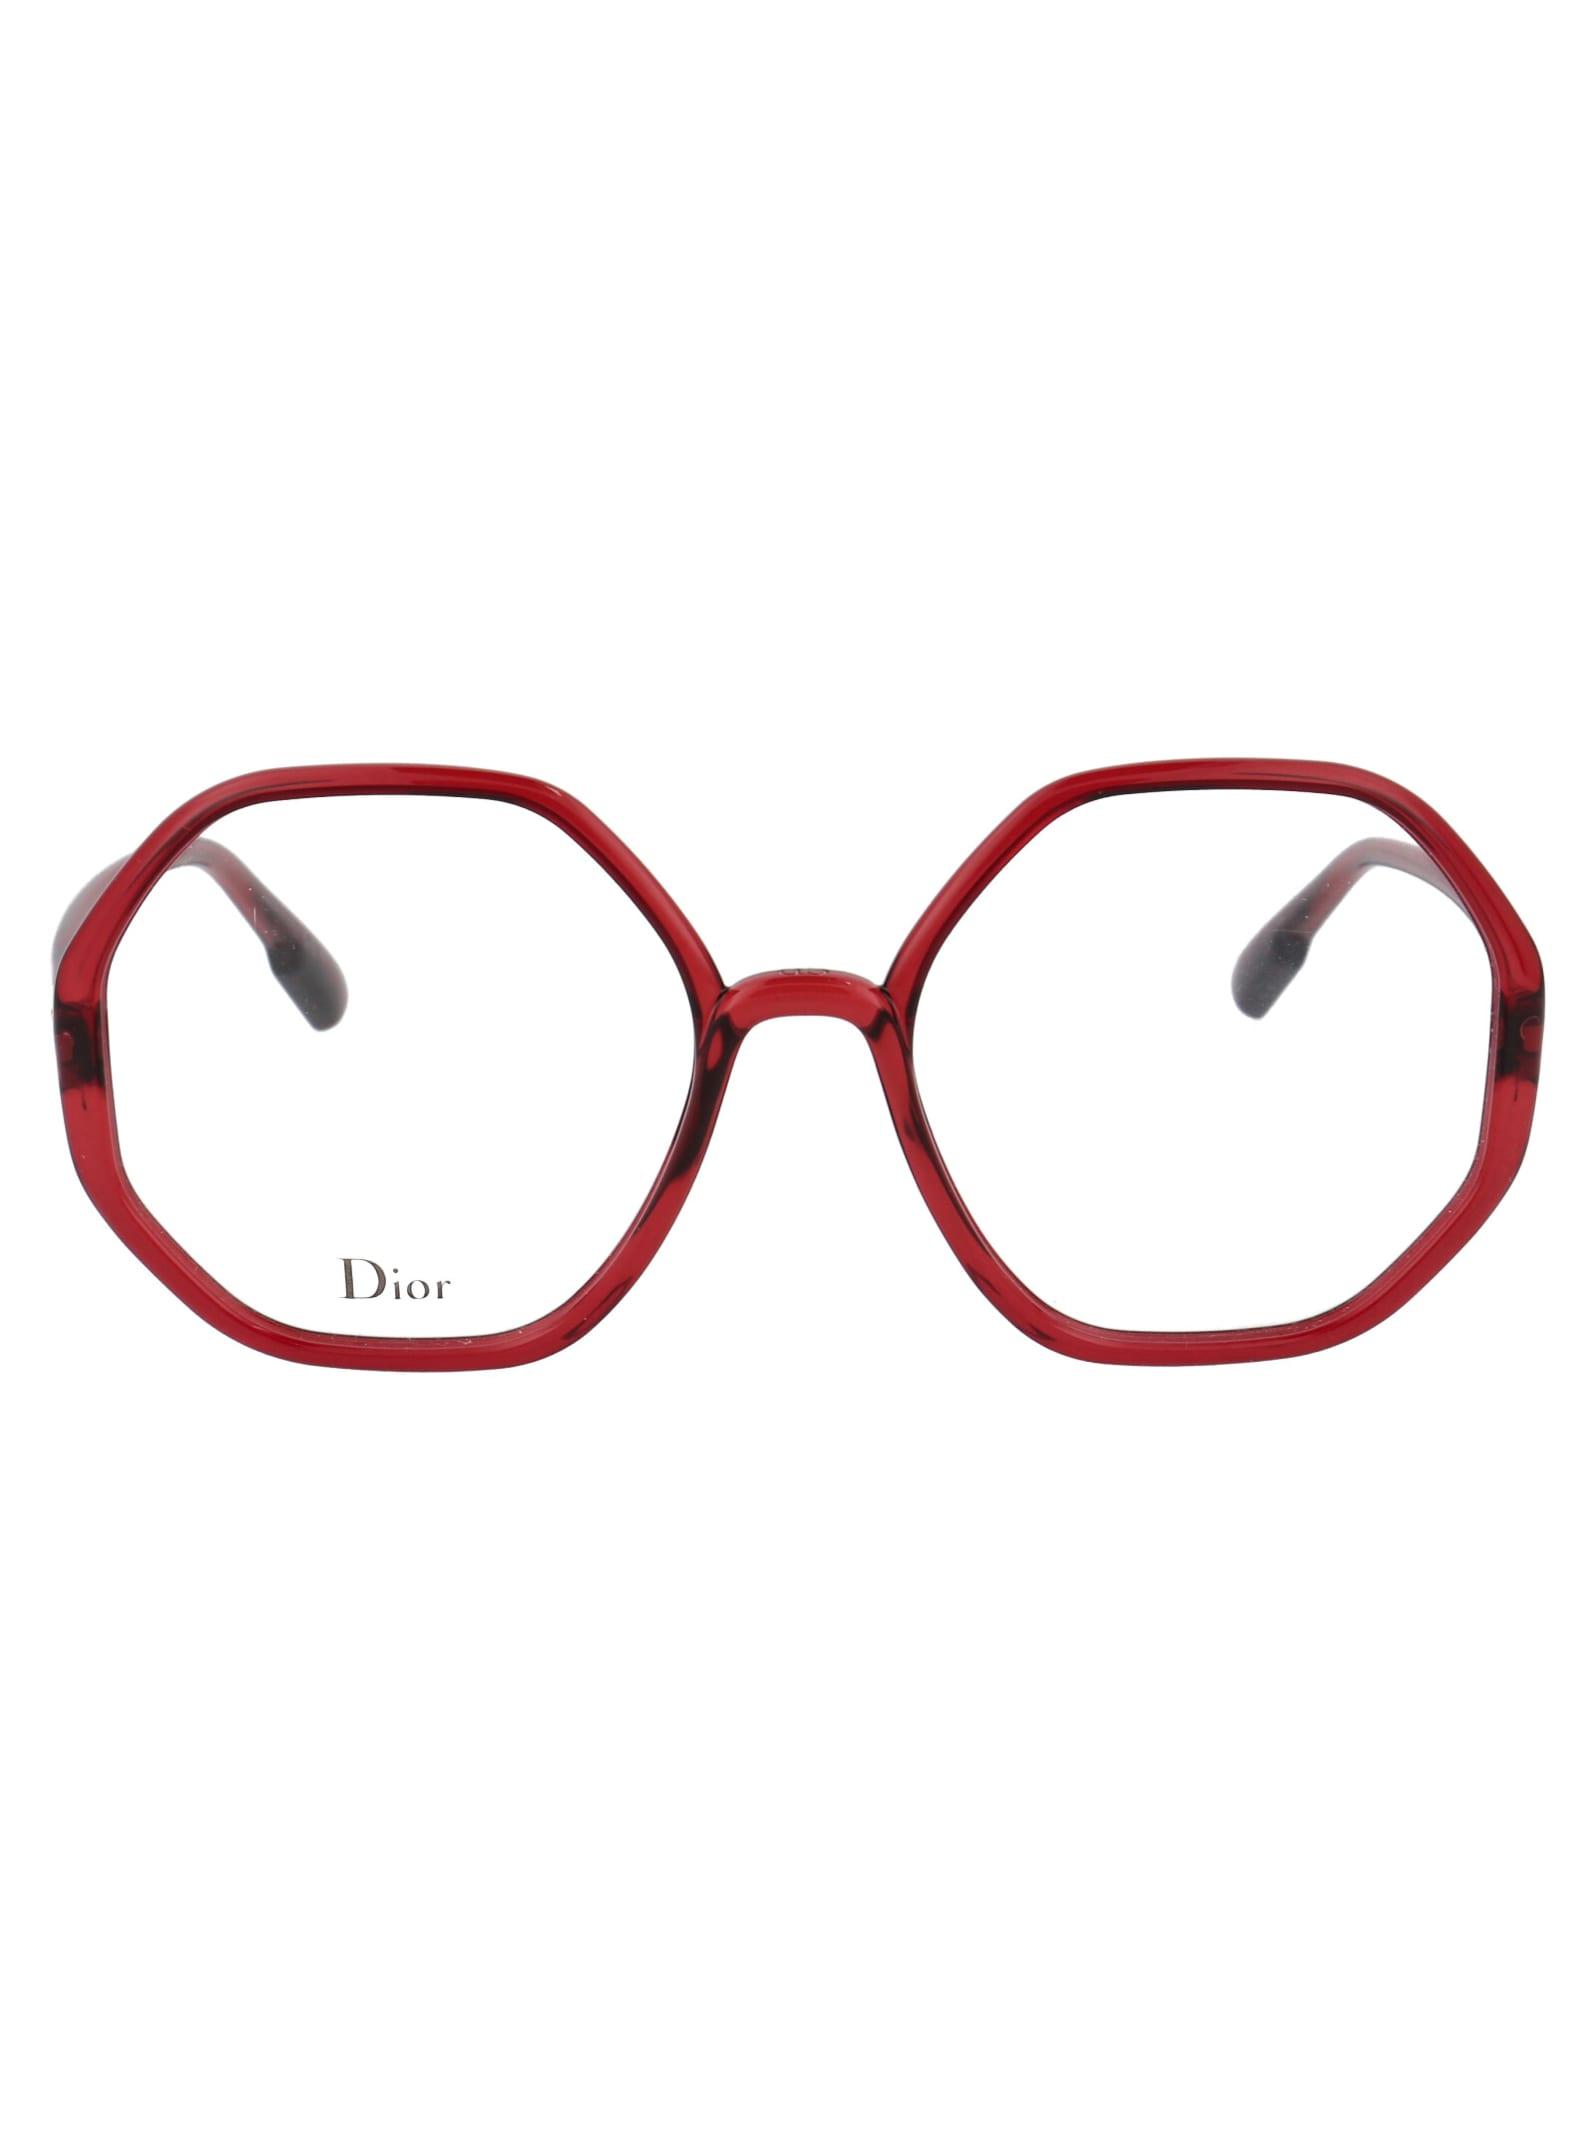 Sostellaireo5 Glasses